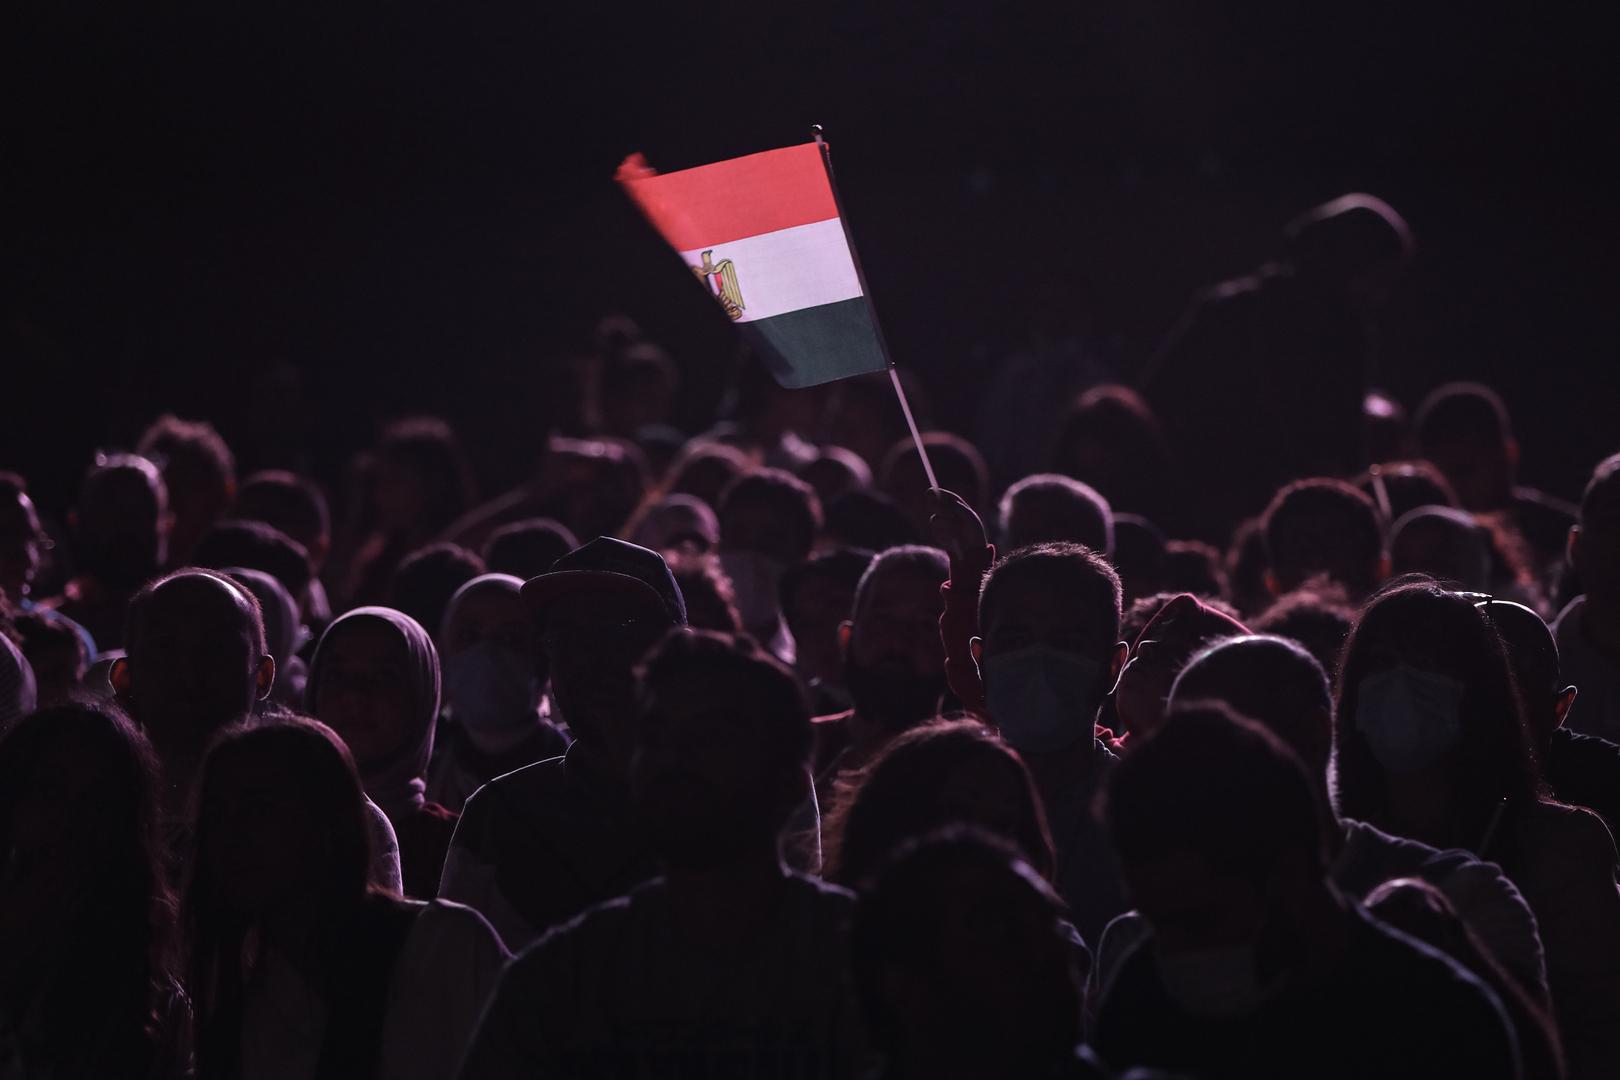 فتوى عن الجماع تثير الجدل في مصر (صورة)